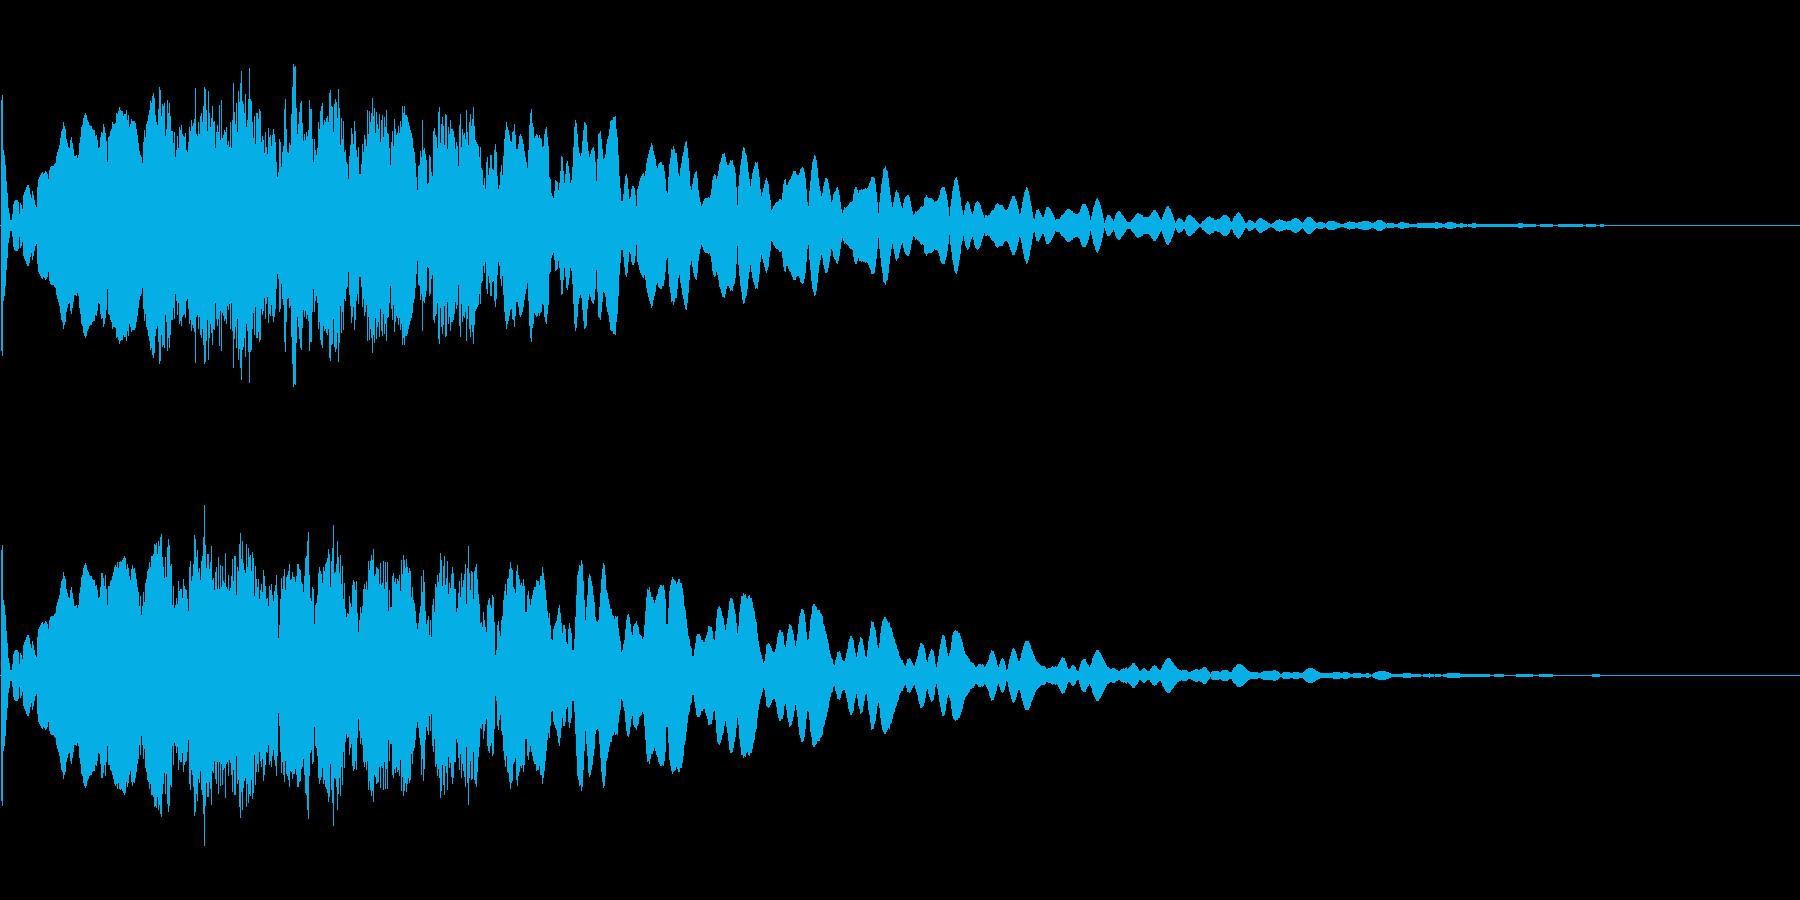 キュイーン、キーン、チュイーン、キラーンの再生済みの波形